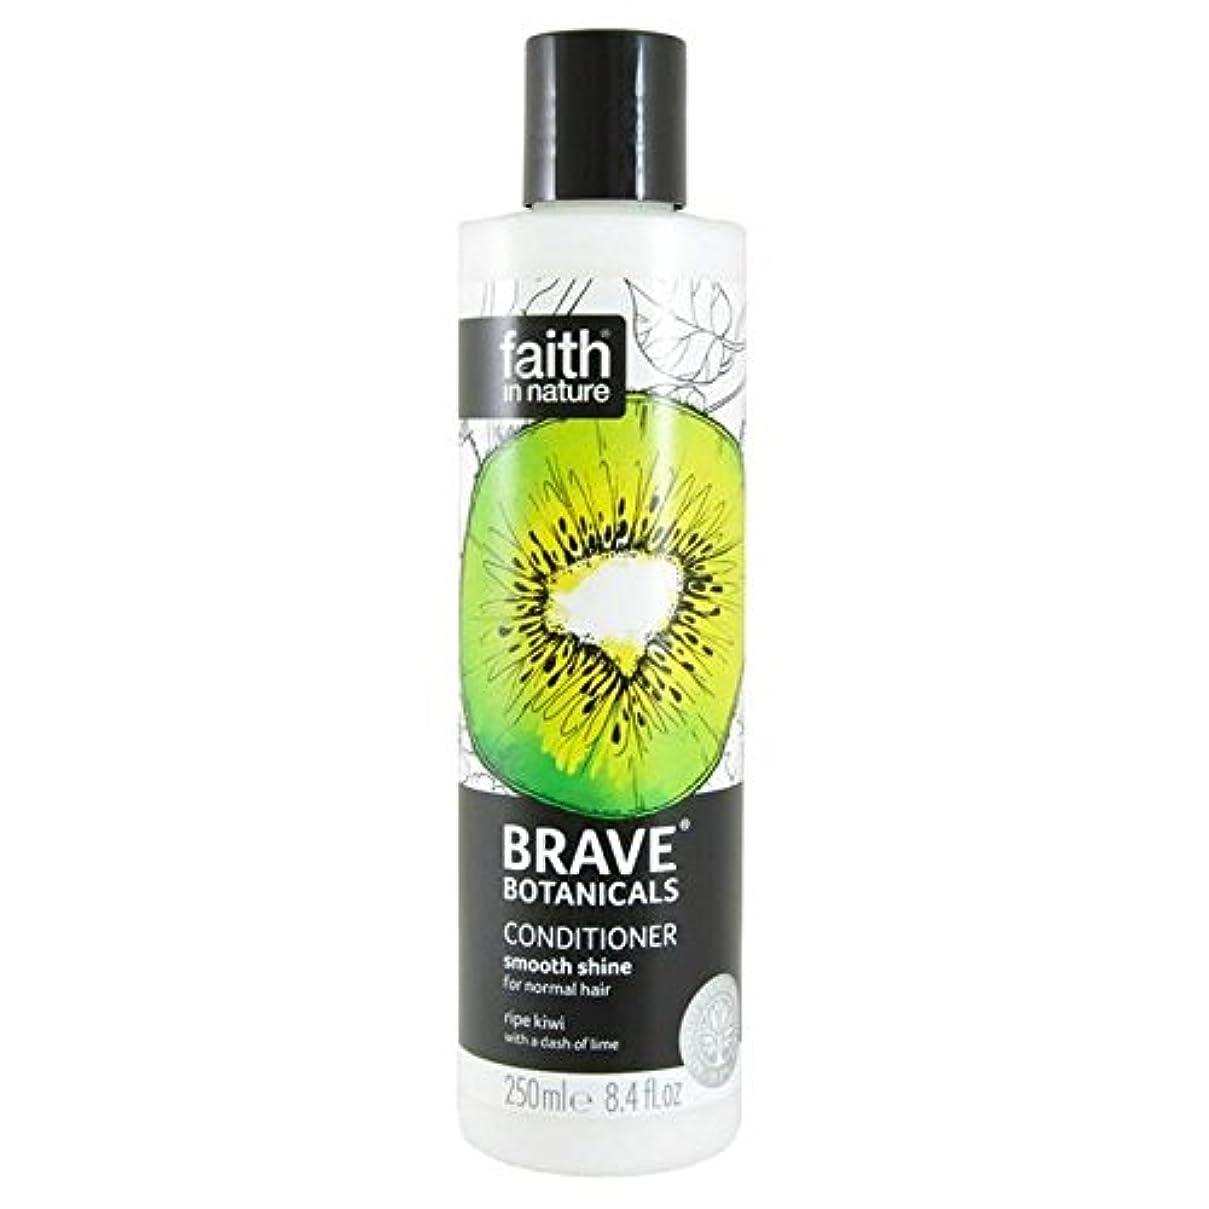 複雑な親乱気流Brave Botanicals Kiwi & Lime Smooth Shine Conditioner 250ml (Pack of 2) - (Faith In Nature) 勇敢な植物キウイ&ライムなめらかな輝...